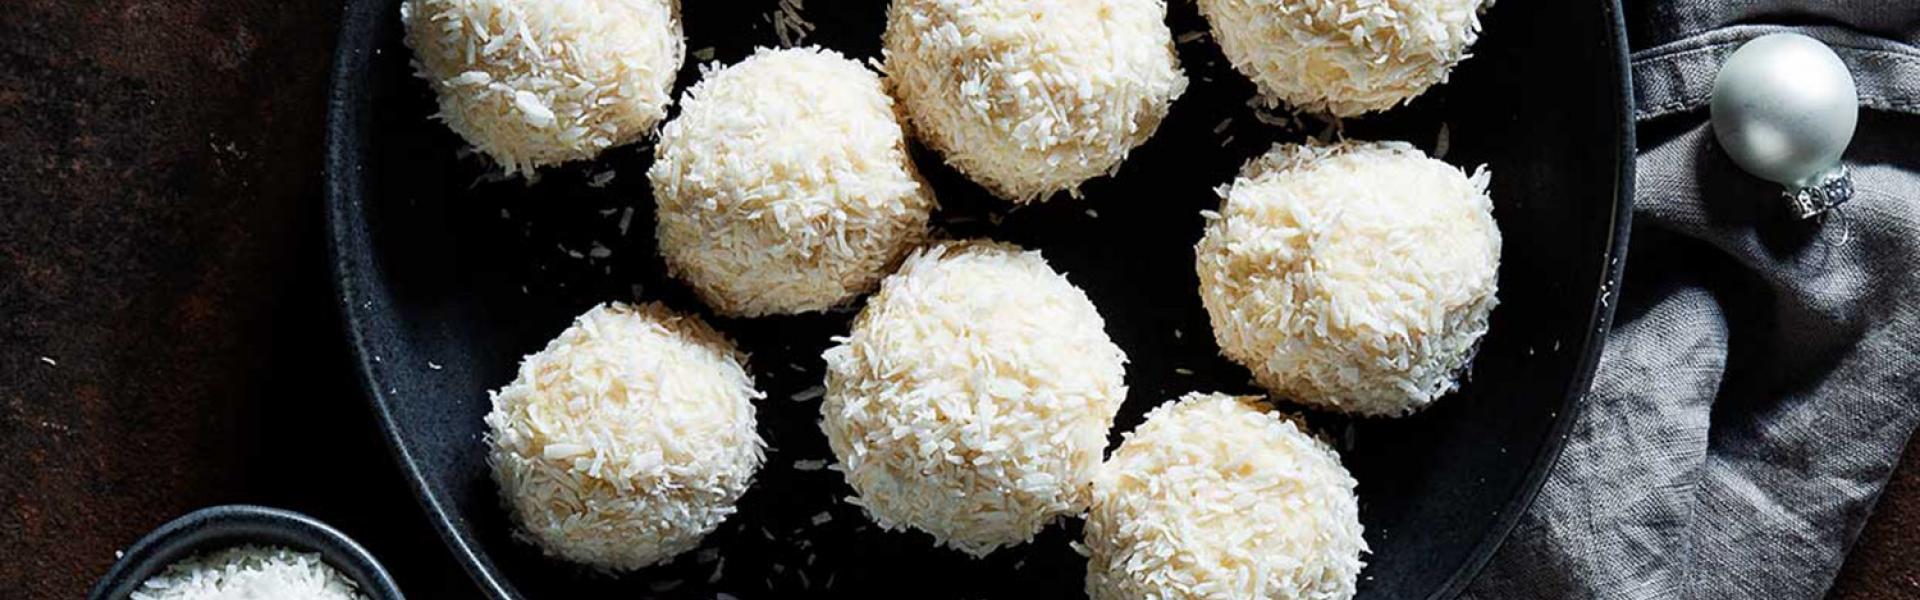 Viele Schneebälle mit Kokos auf einem Teller.